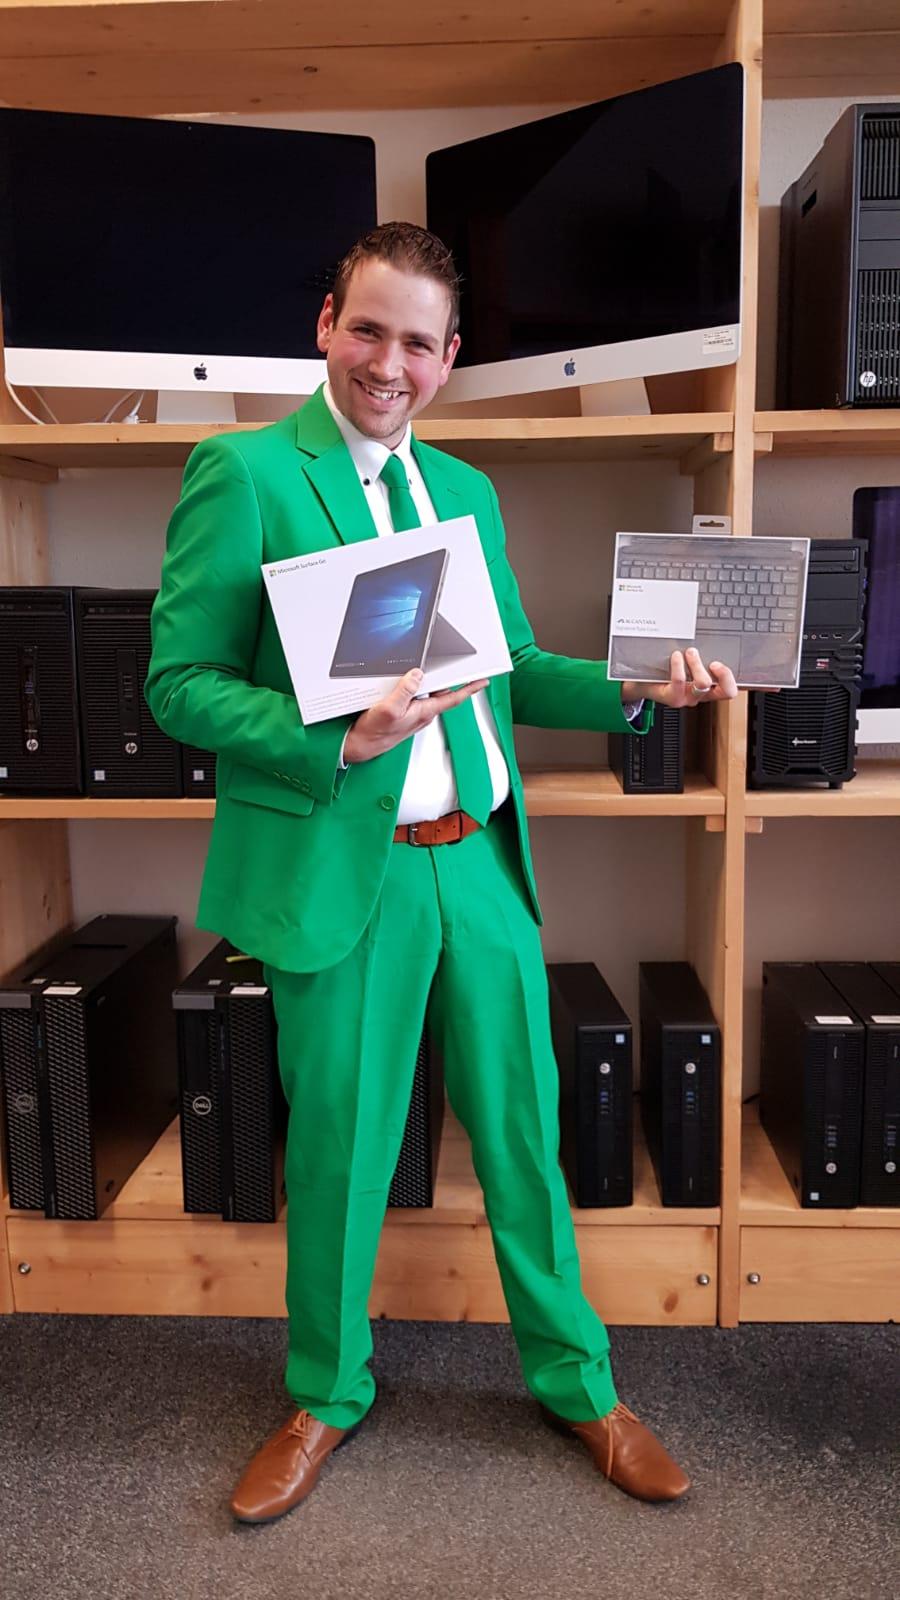 Schrijf je in voor de nieuwsbrief van DubbelGaaf.nl en win een Microsoft Surface Go!